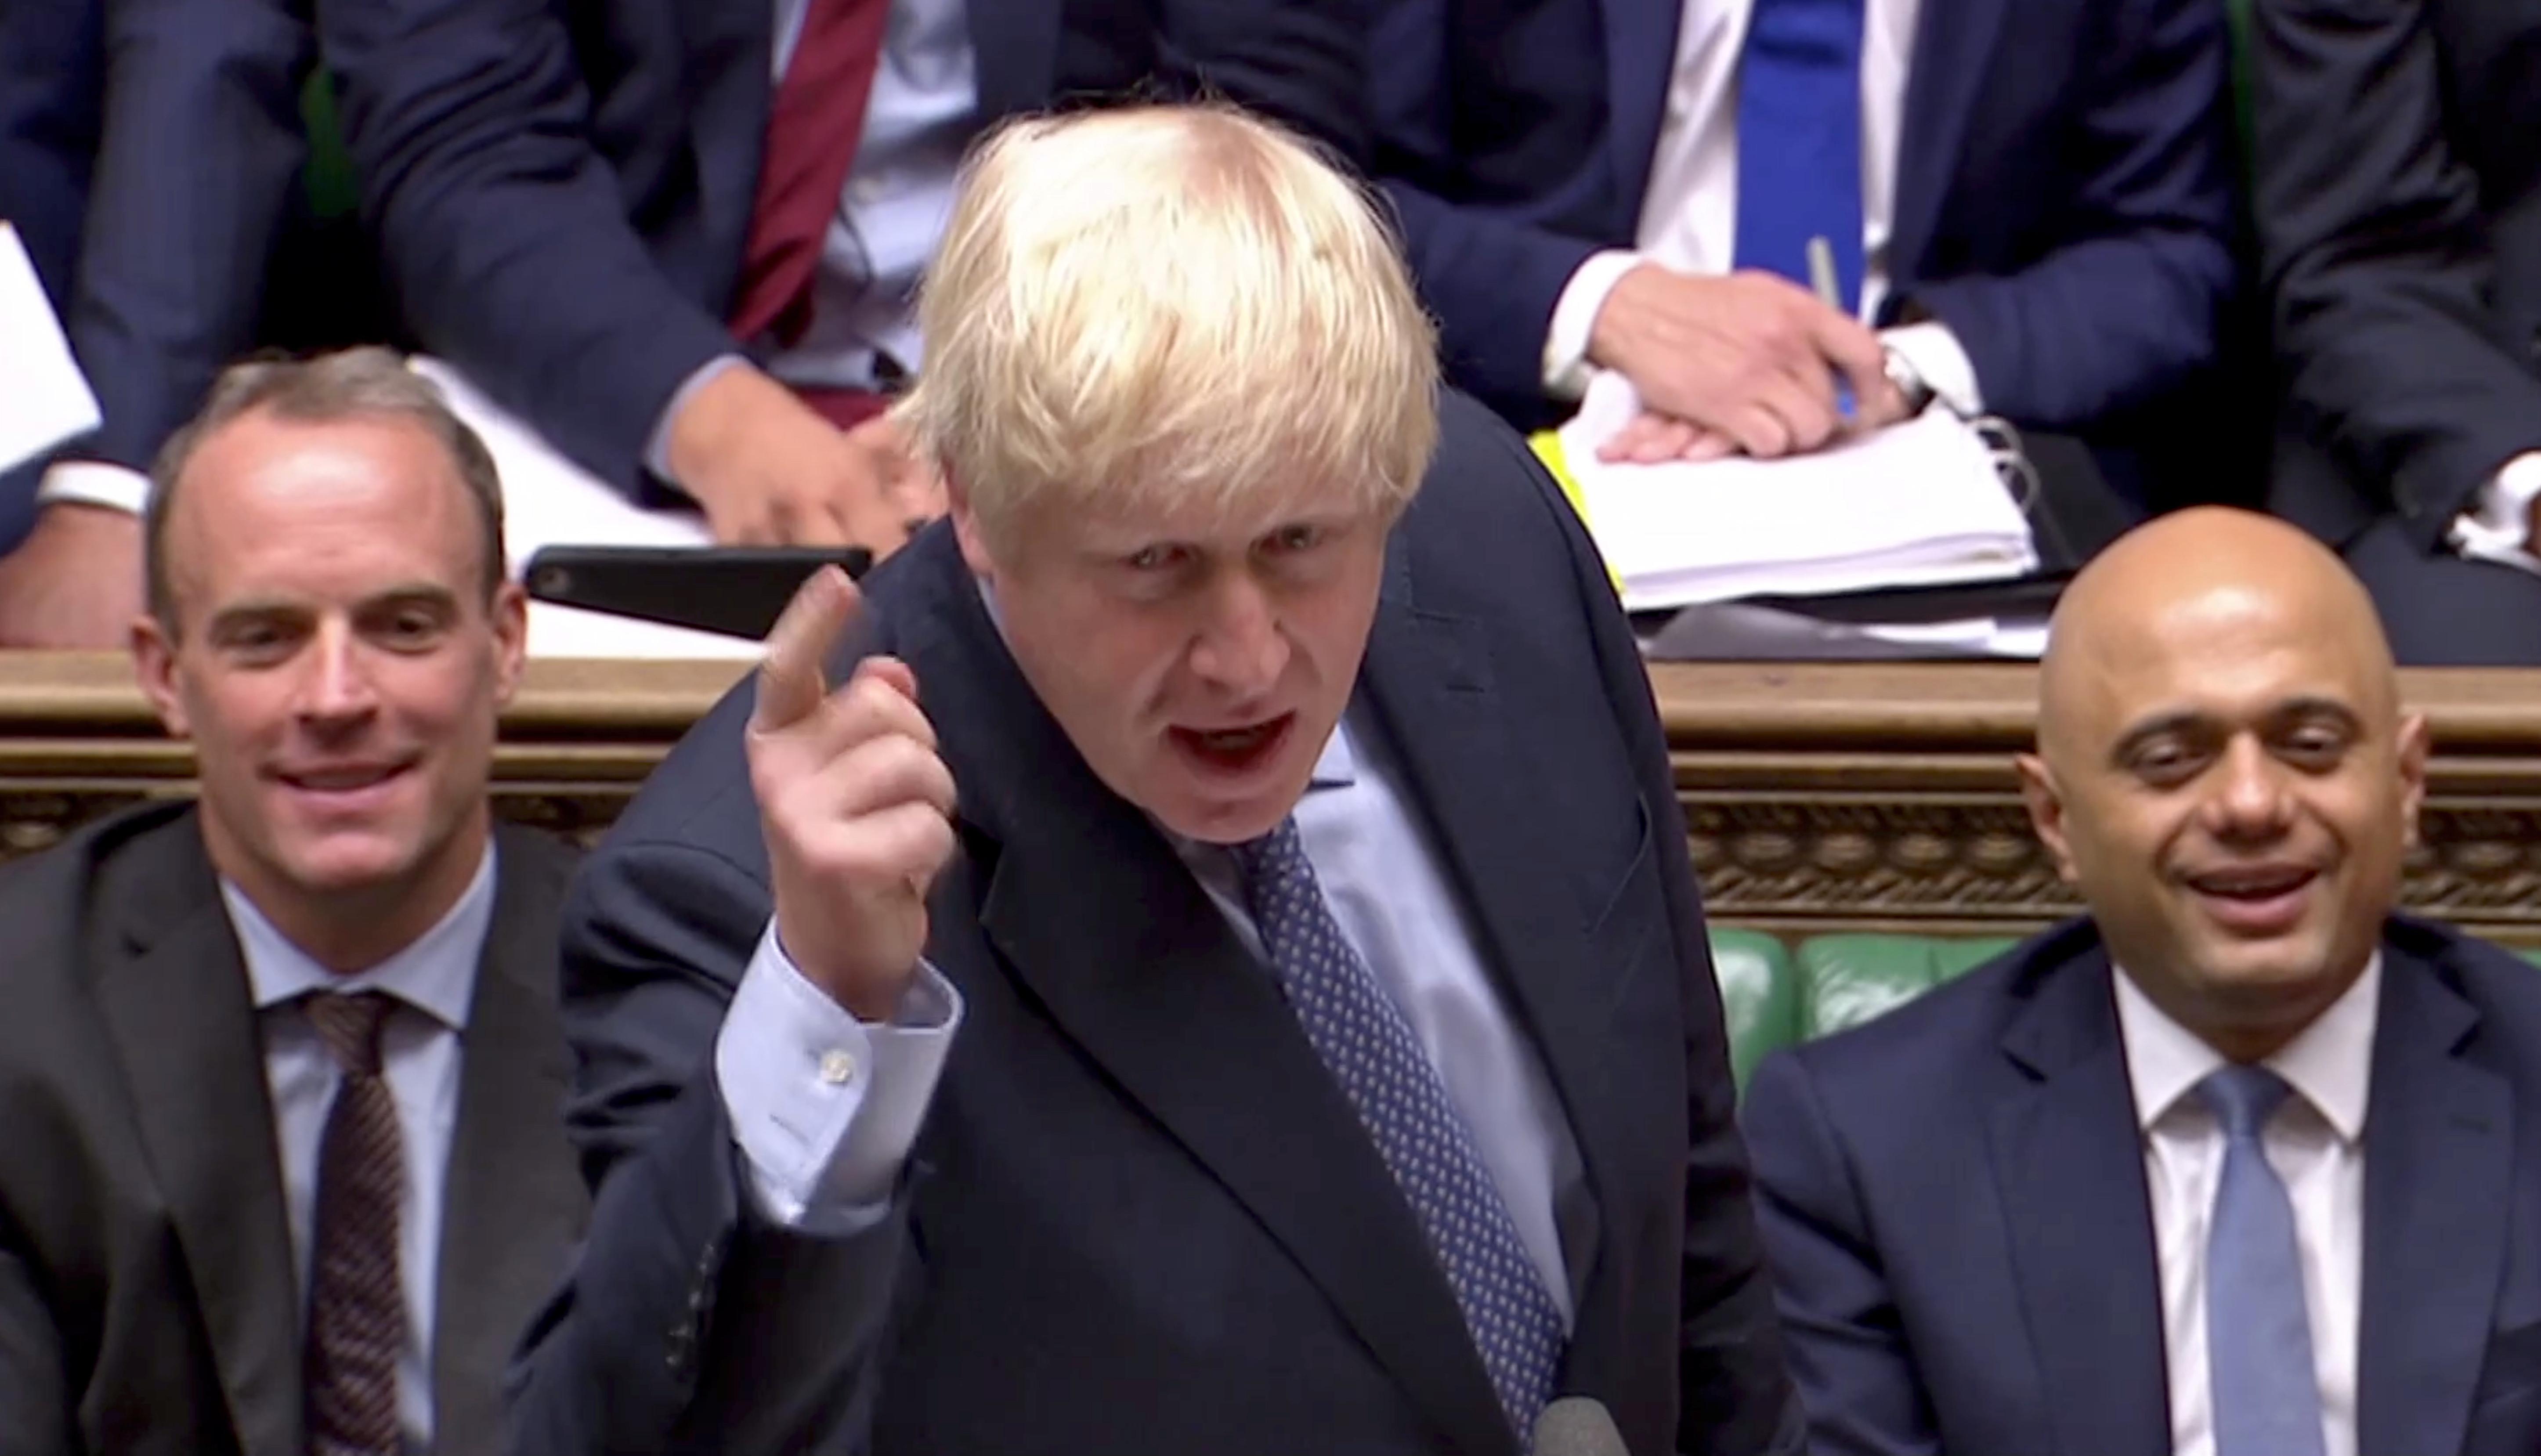 ▲▼英國首相強森(Boris Johnson)在下議院發言。(圖/路透)